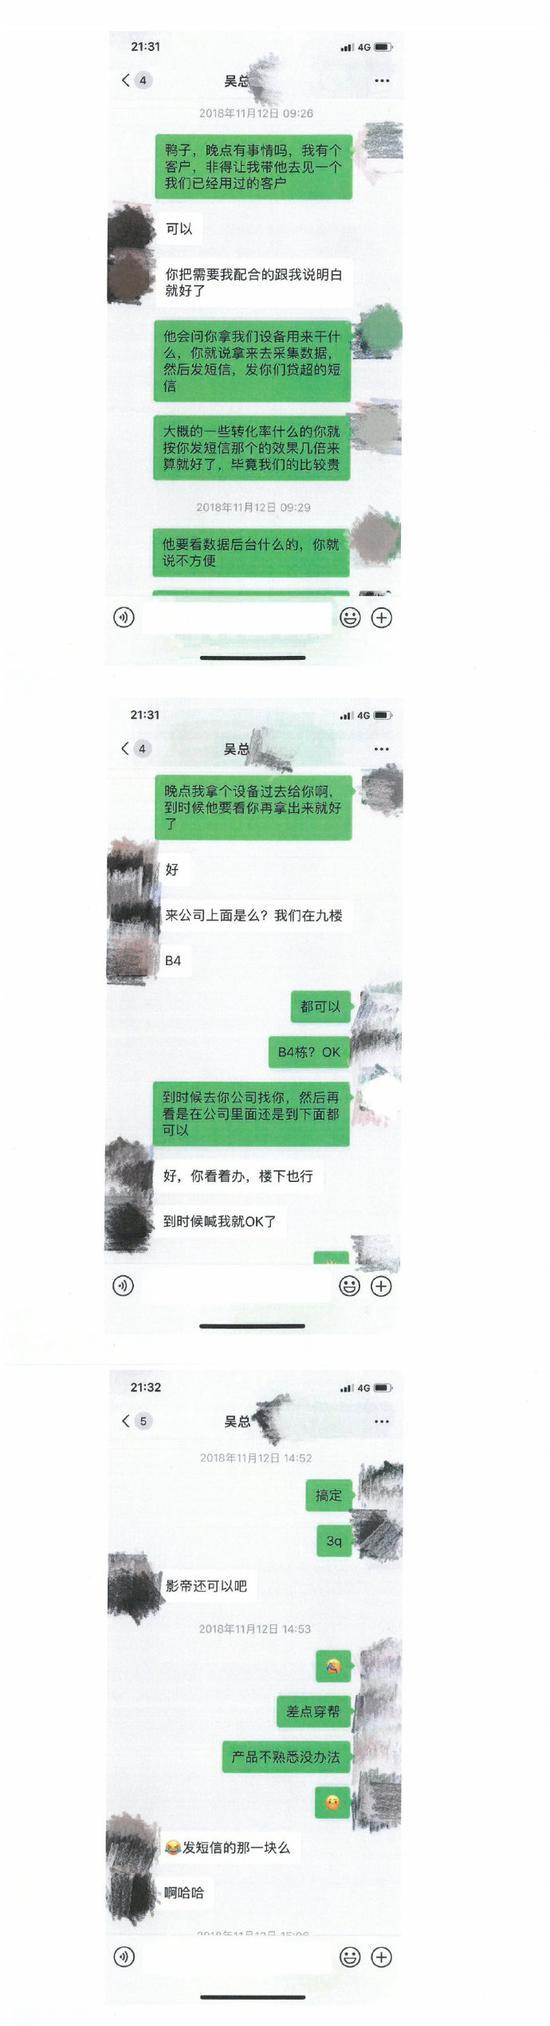 吴某某和李某某的对话截屏 图片来源:萨摩耶金服官方微博